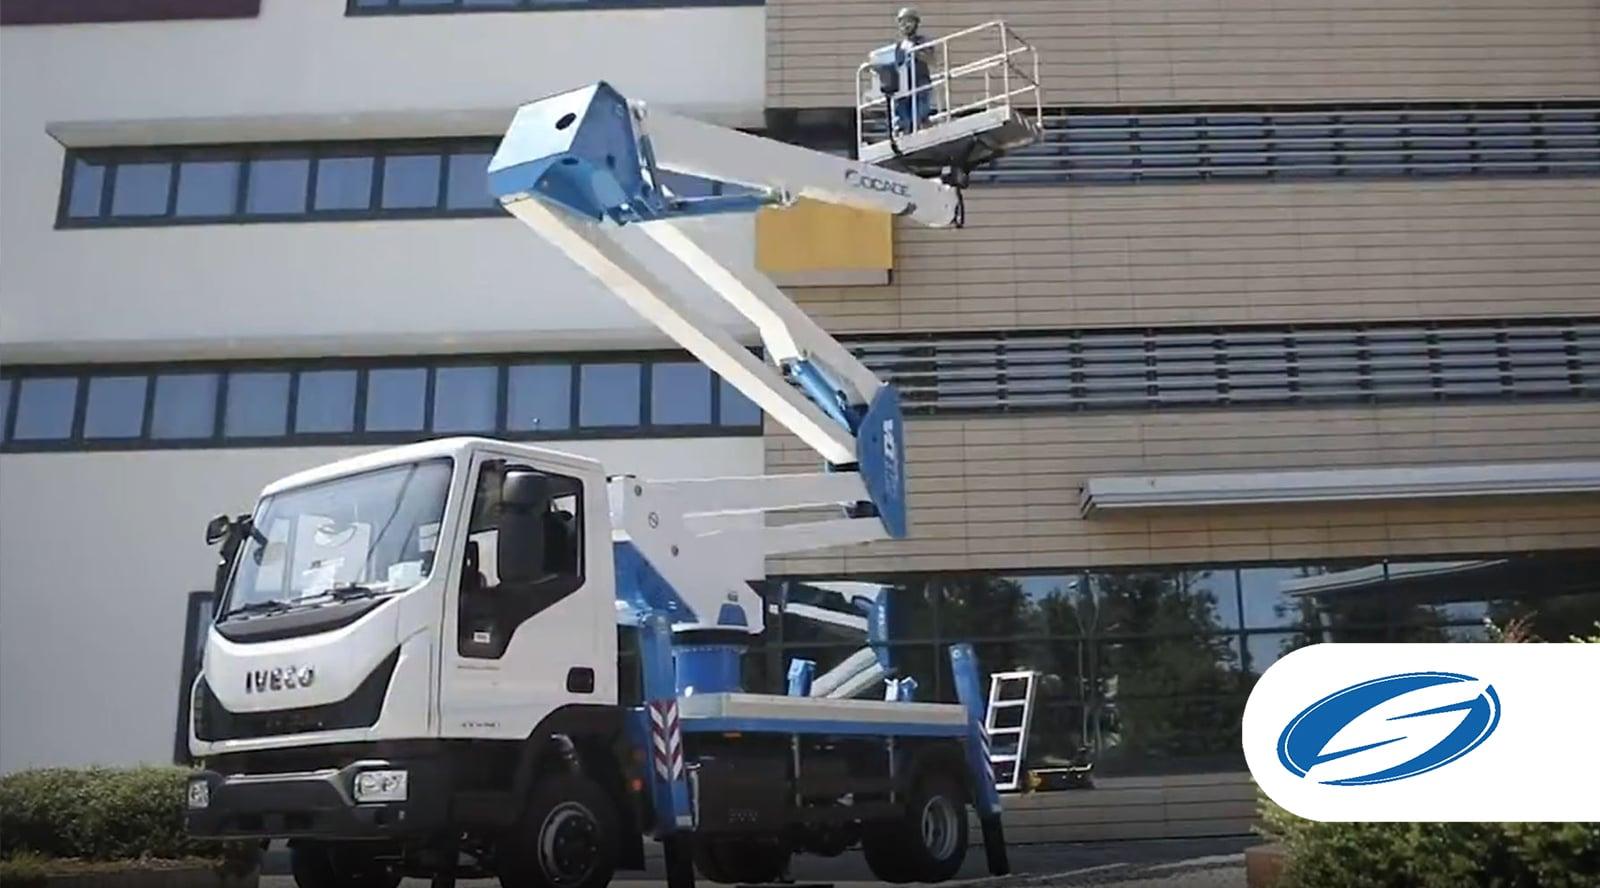 Camion con piattaforma aerea 28DA SPEED dimensioni ridotte